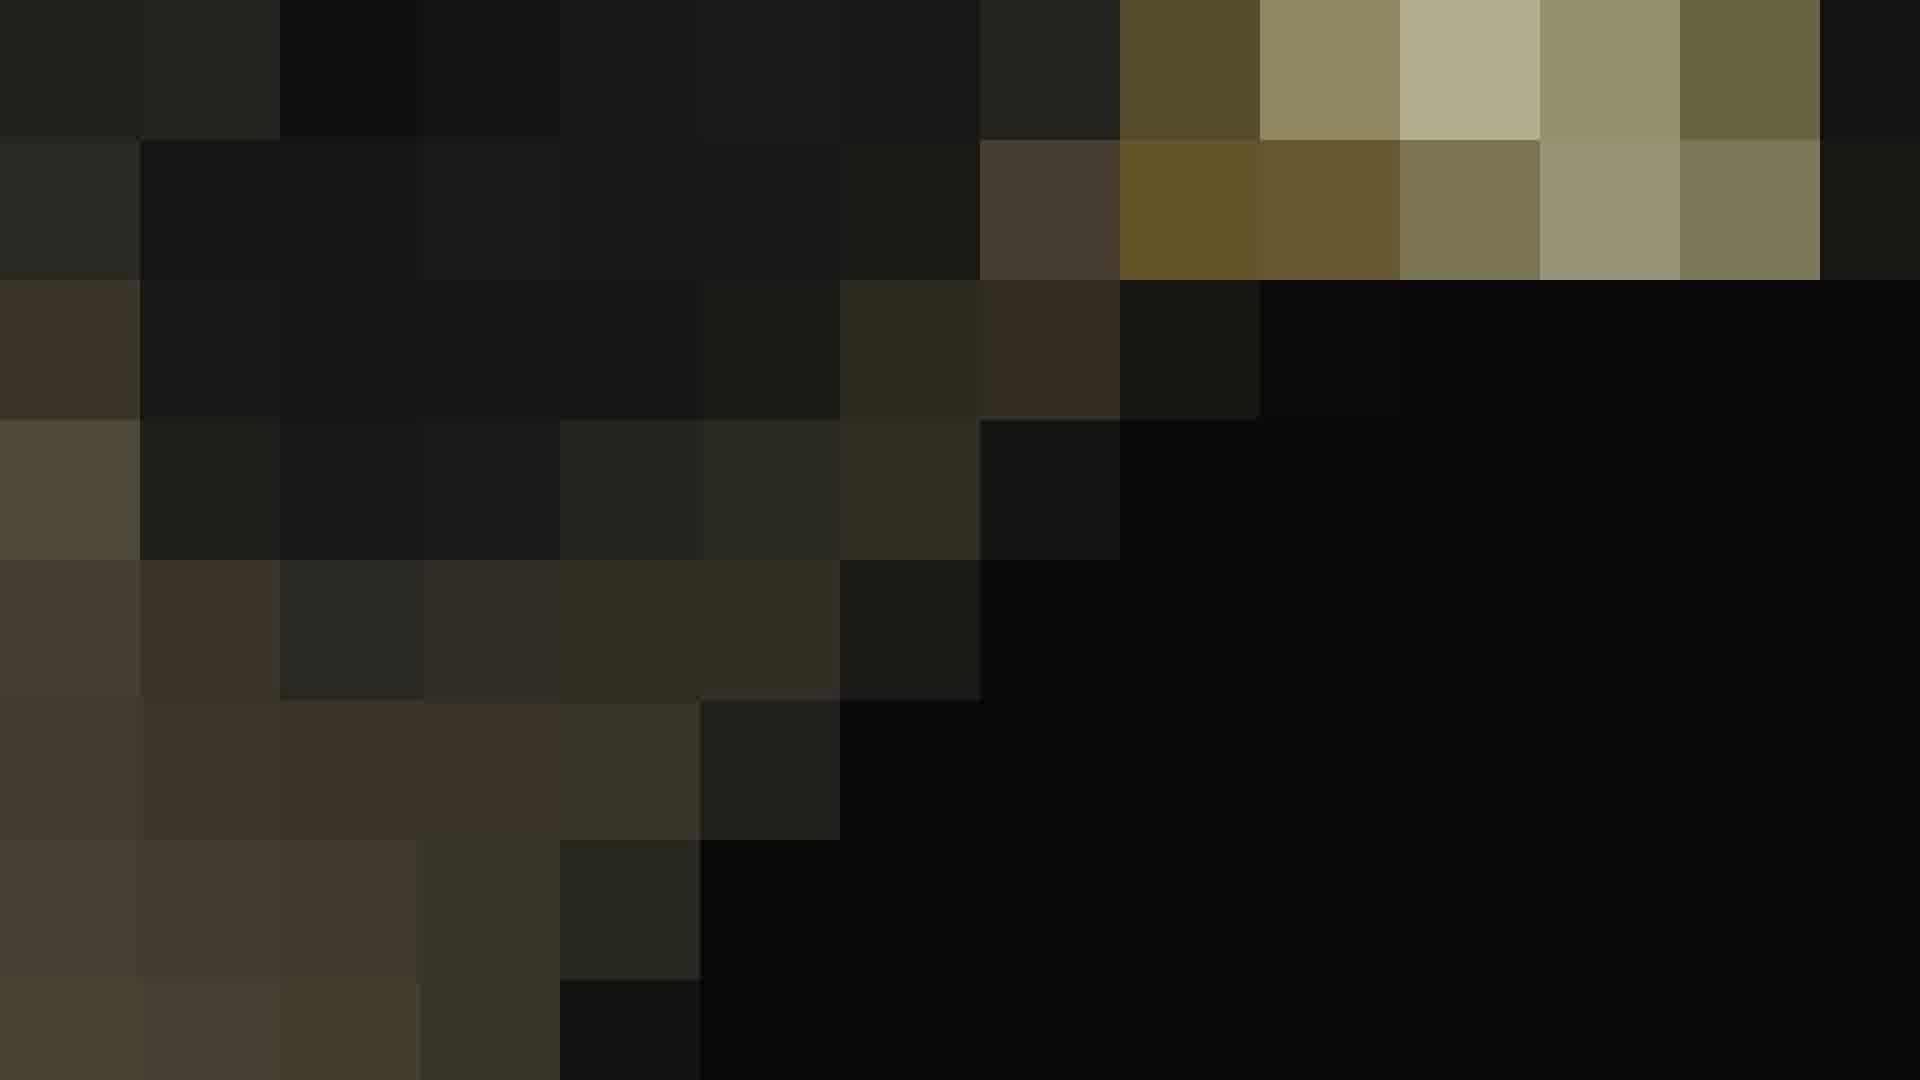 世界の射窓から vol.43 ソーニュー エッチなお姉さん エロ無料画像 105画像 63